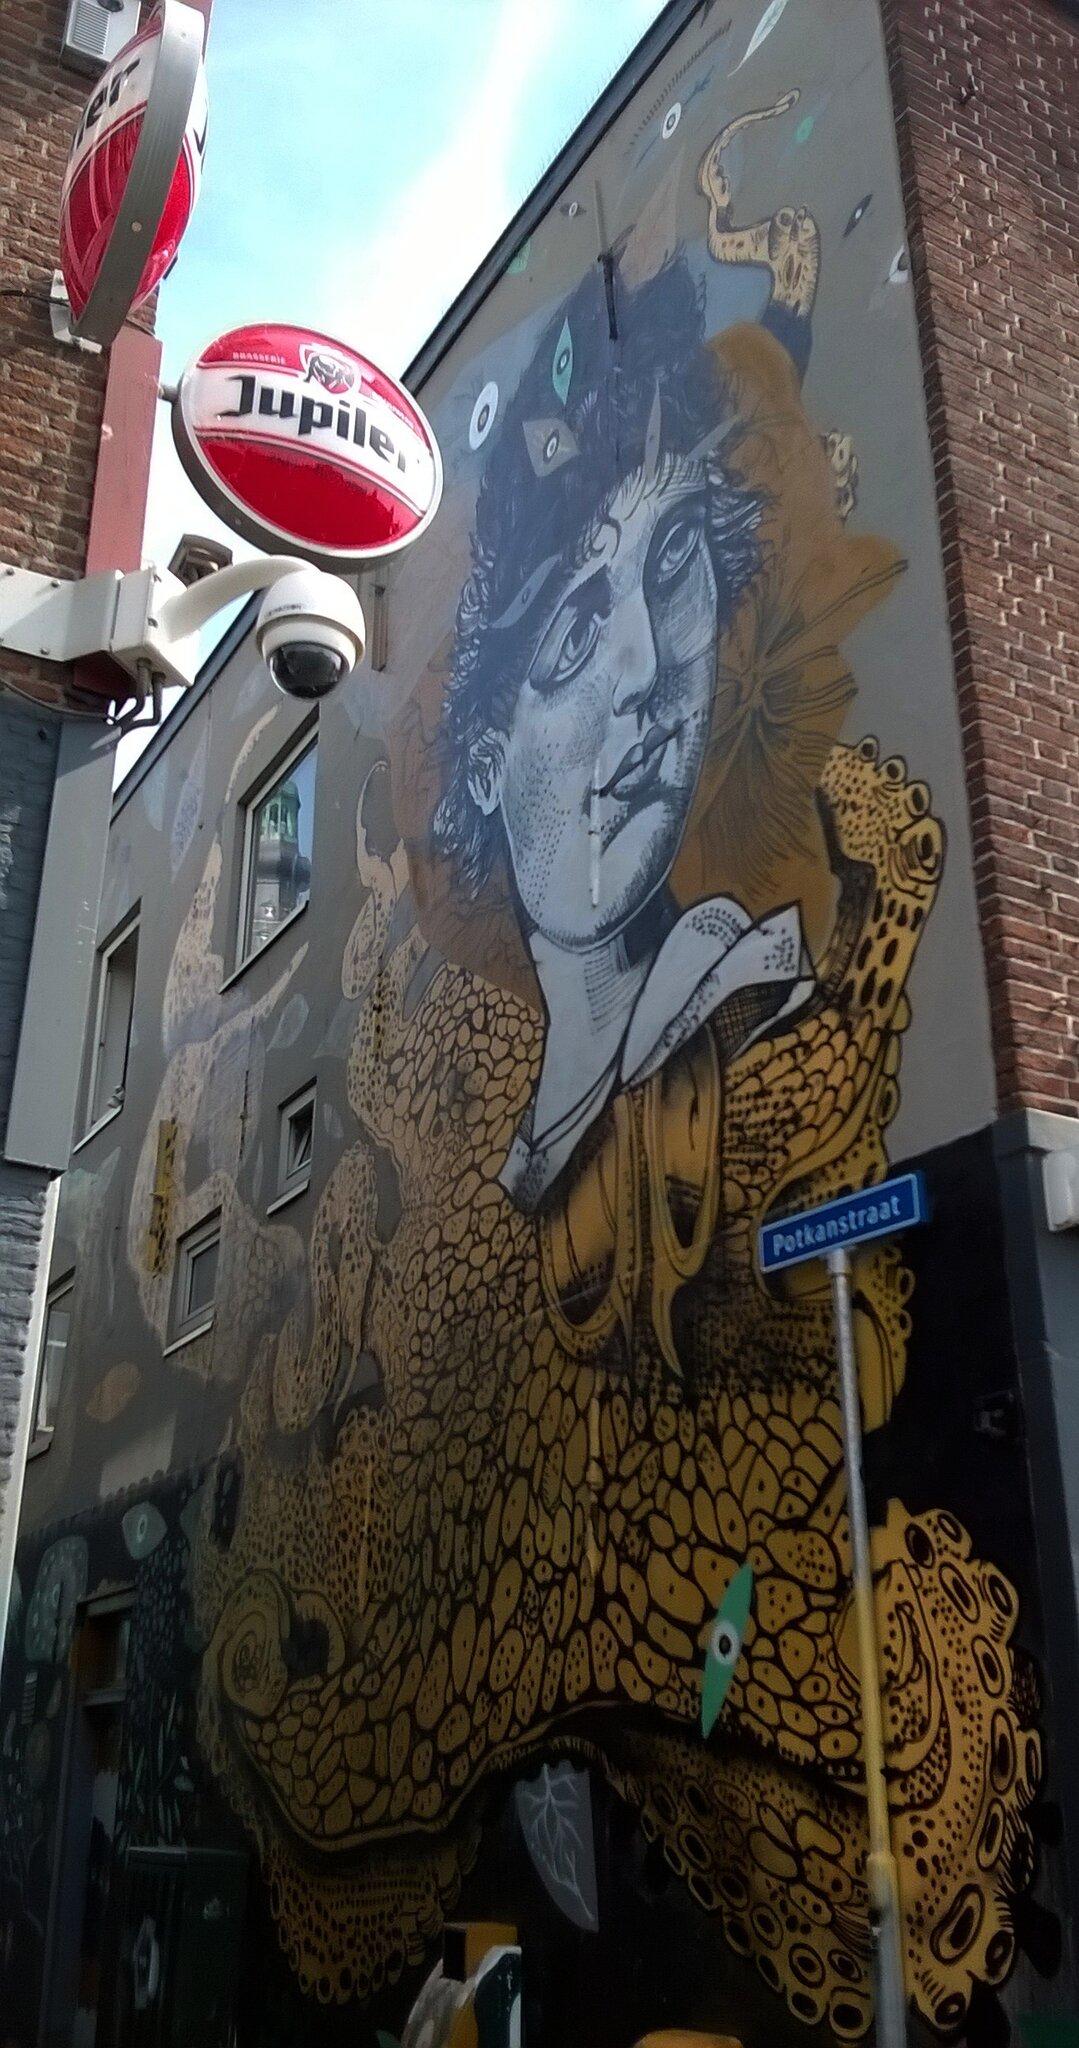 Street-Art dans les rues de Breda, Pays-Bas..